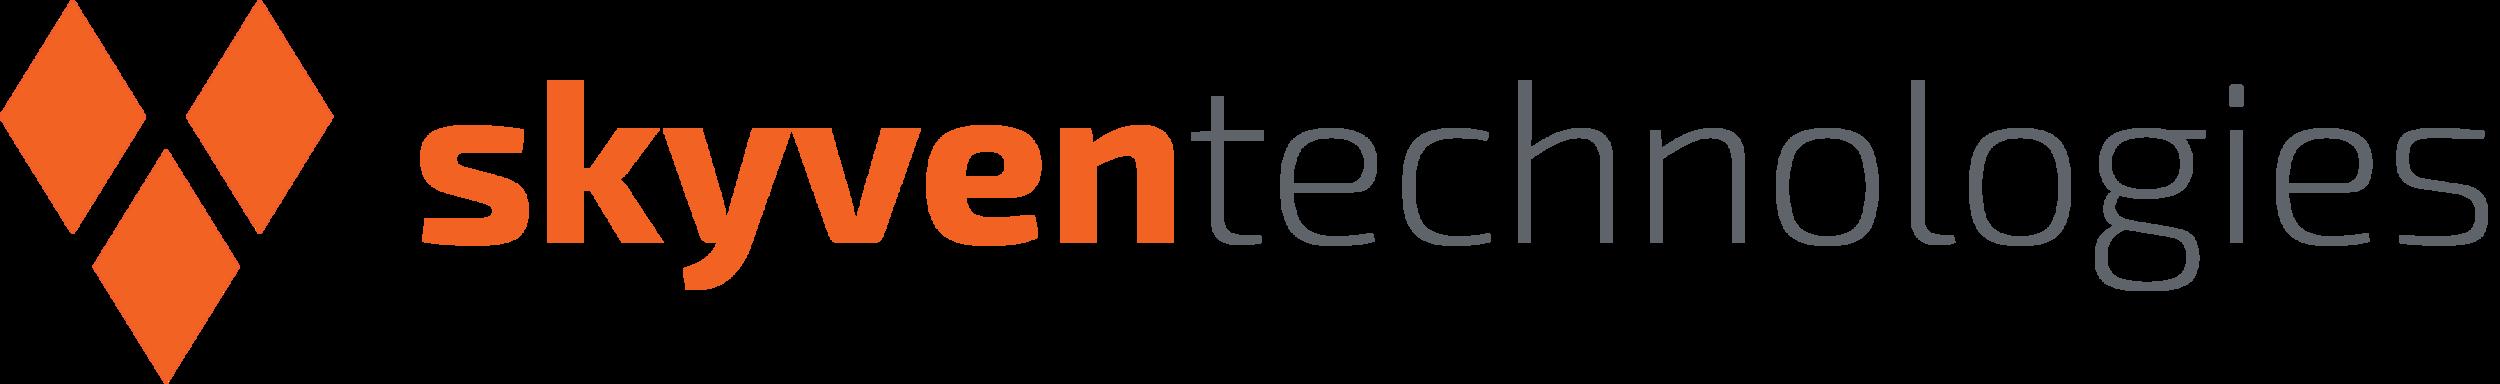 Skyven_logo_orange.png